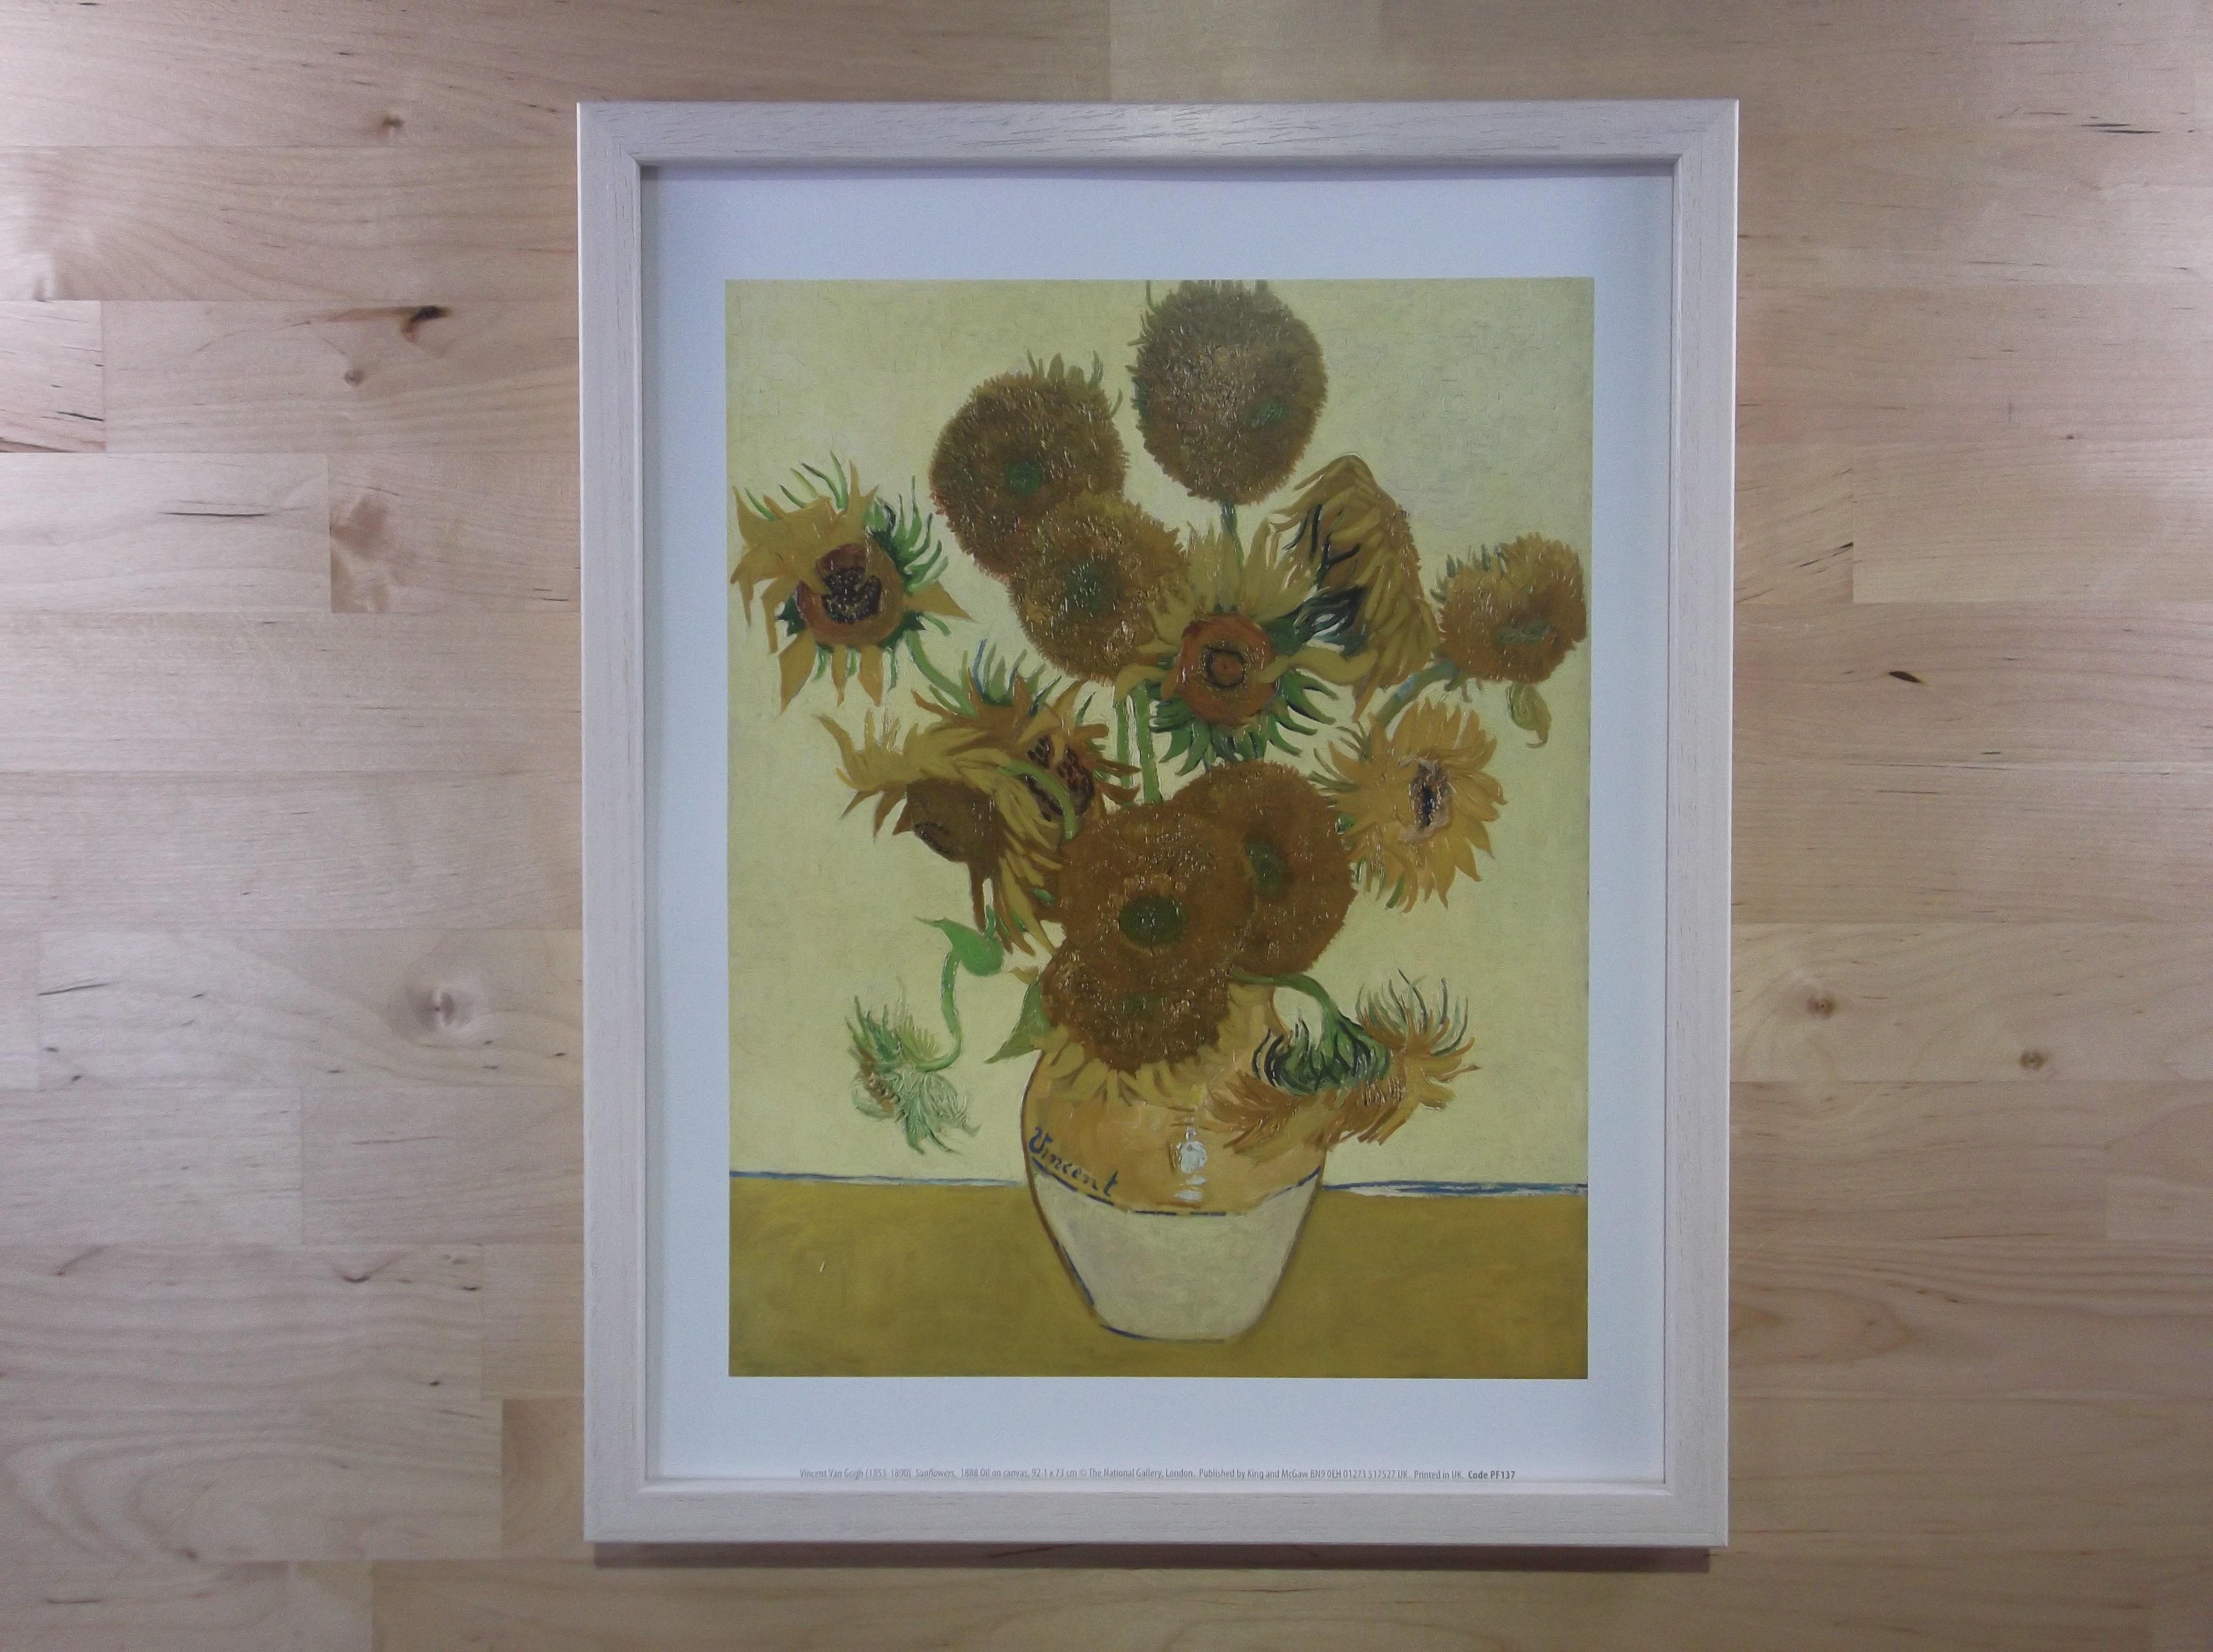 ゴッホ ひまわり ライムホワイト色額縁絵画プリント(ロンドン ナショナルギャラリー所蔵)